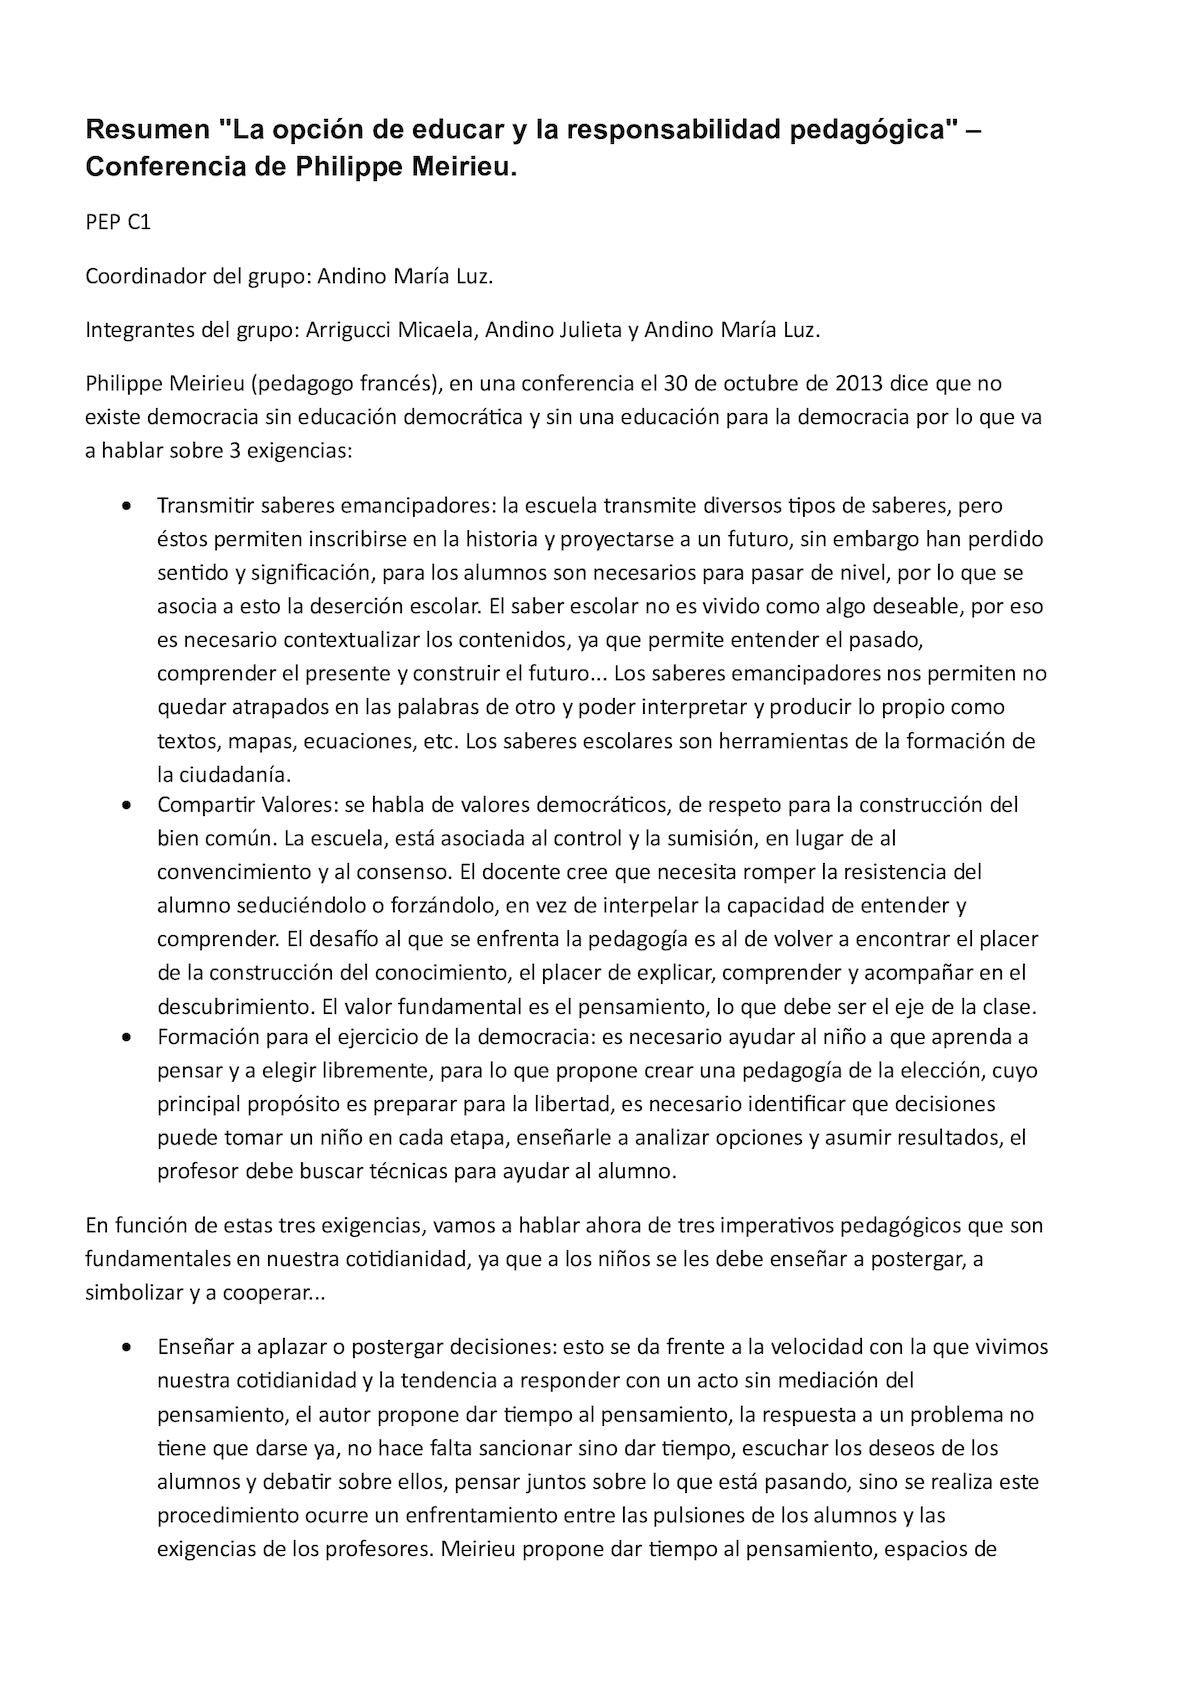 Resumen La Opcion De Educar Y La Responsabilidad Pedagogica Conferencia De Philippe Meirieu Pedagogica Resumen Estado Democratico